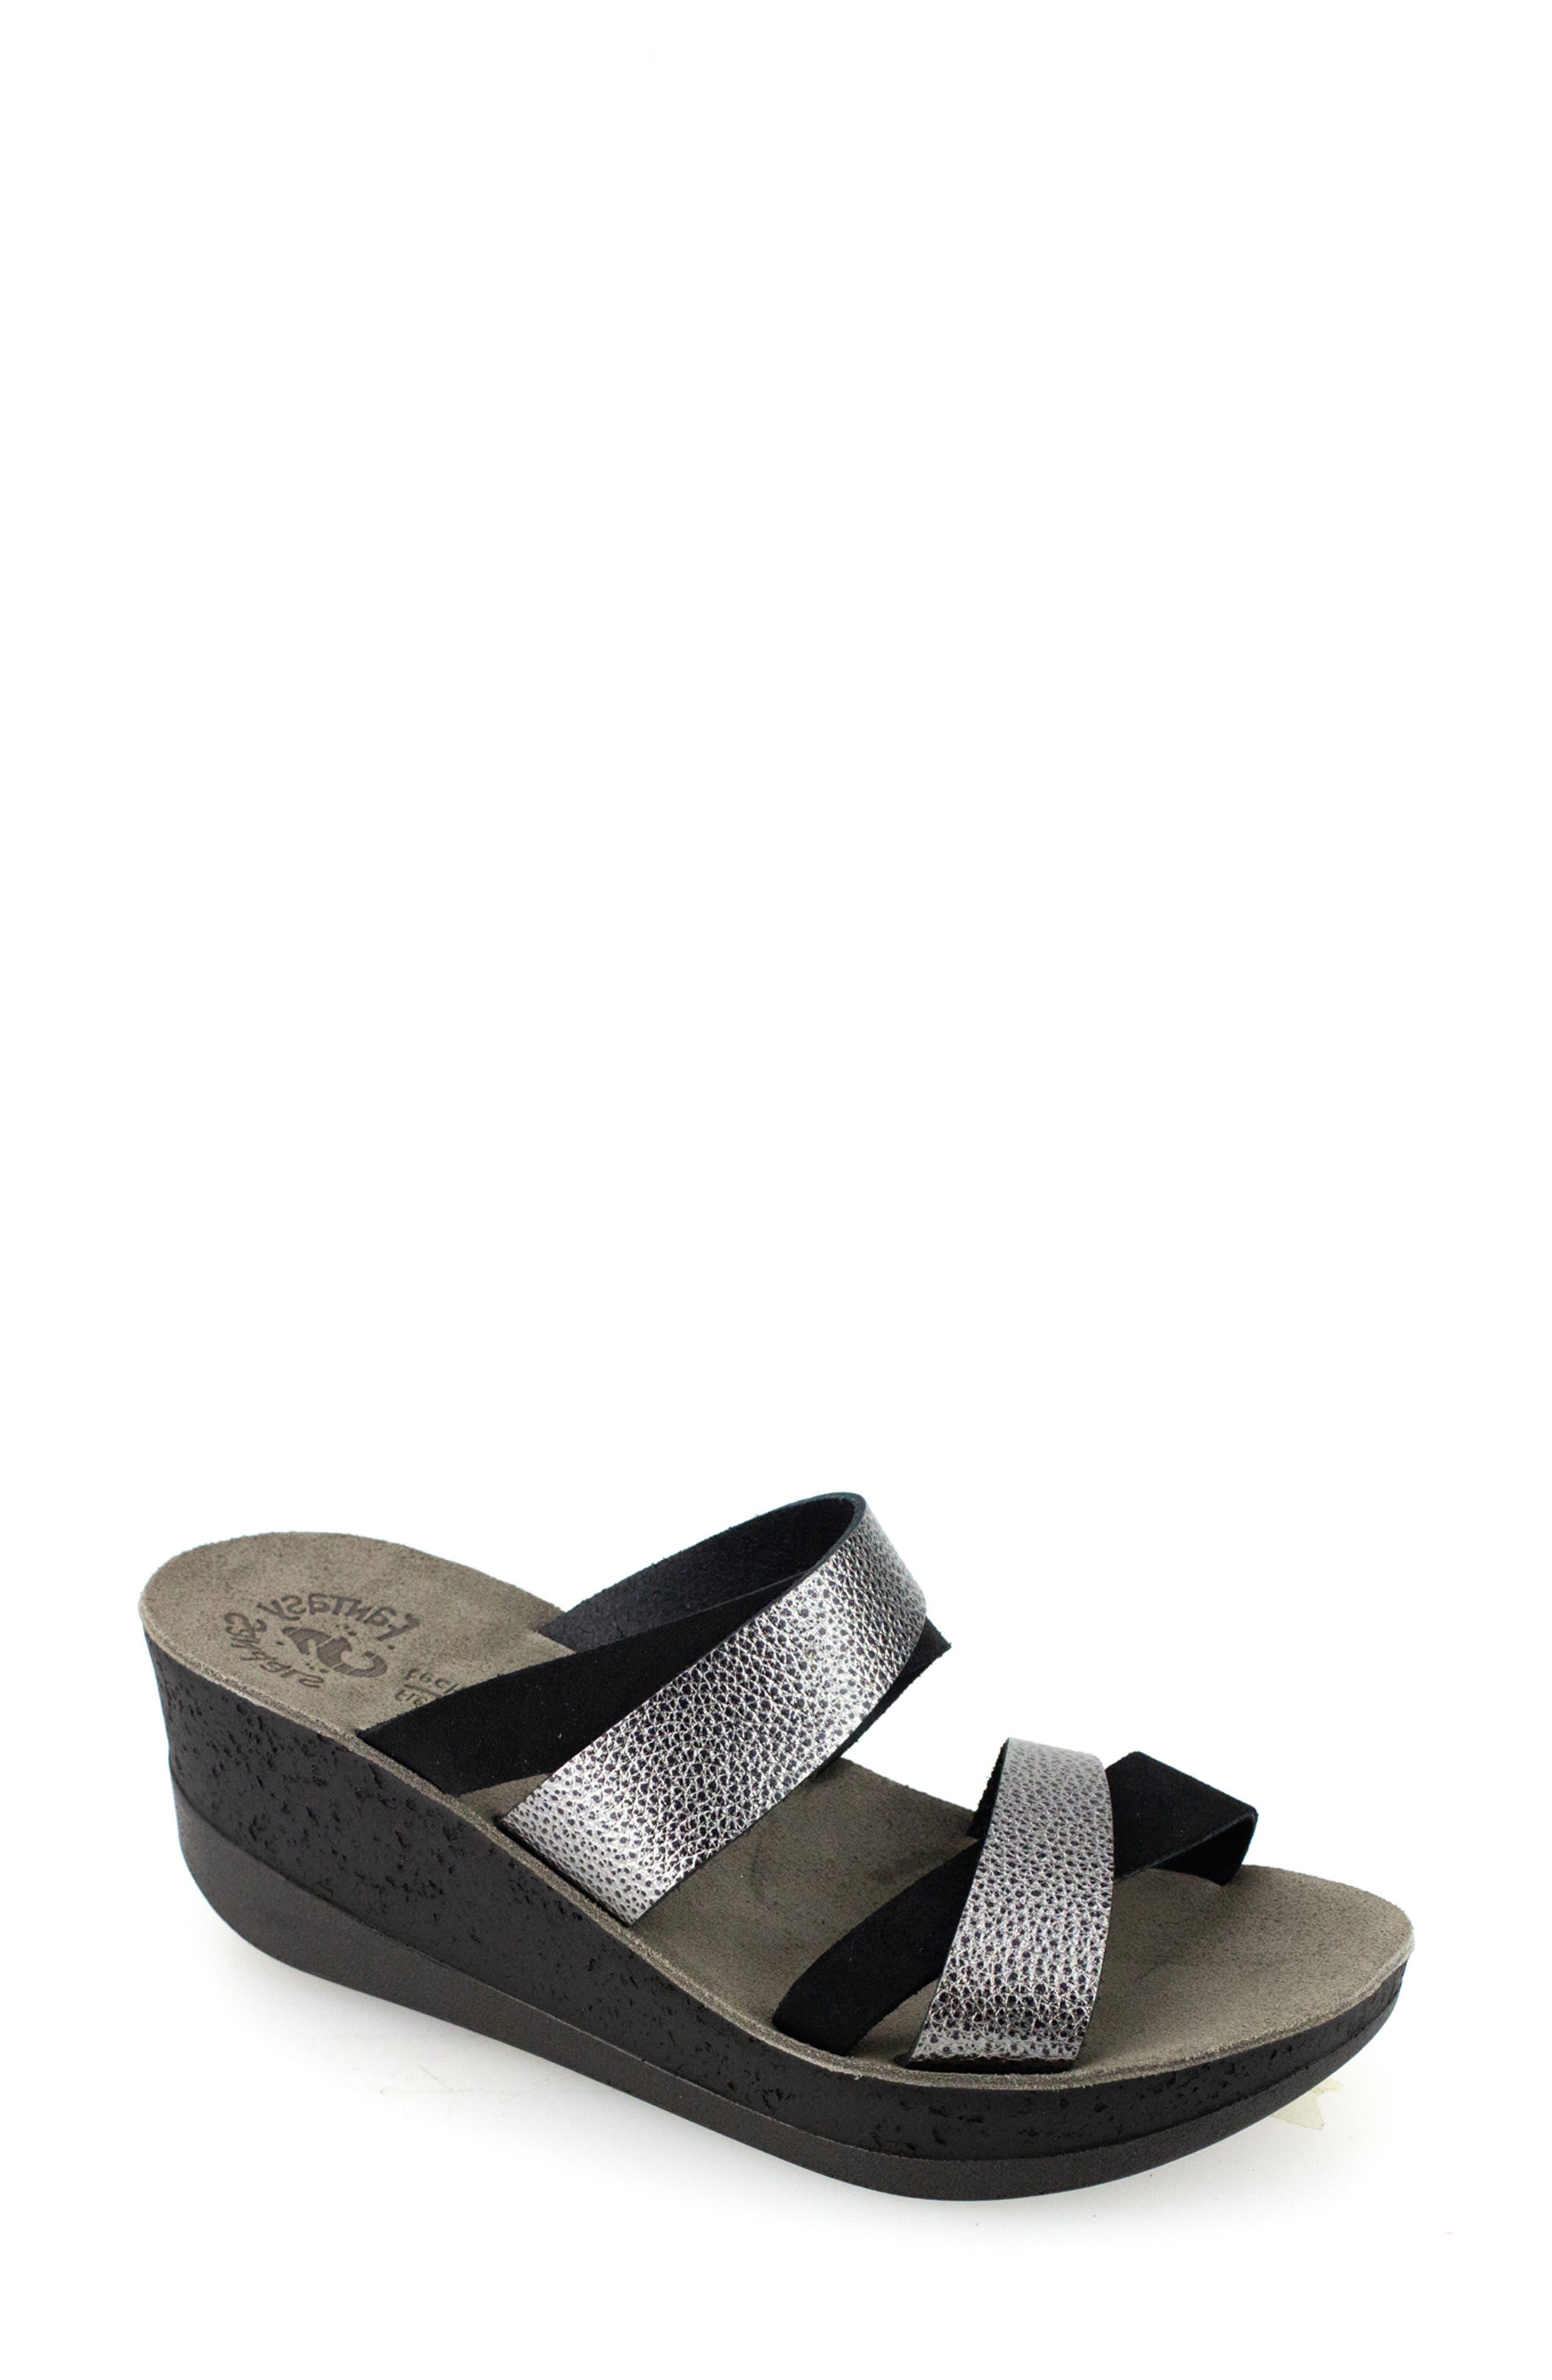 Aria Wedge Slide Sandal